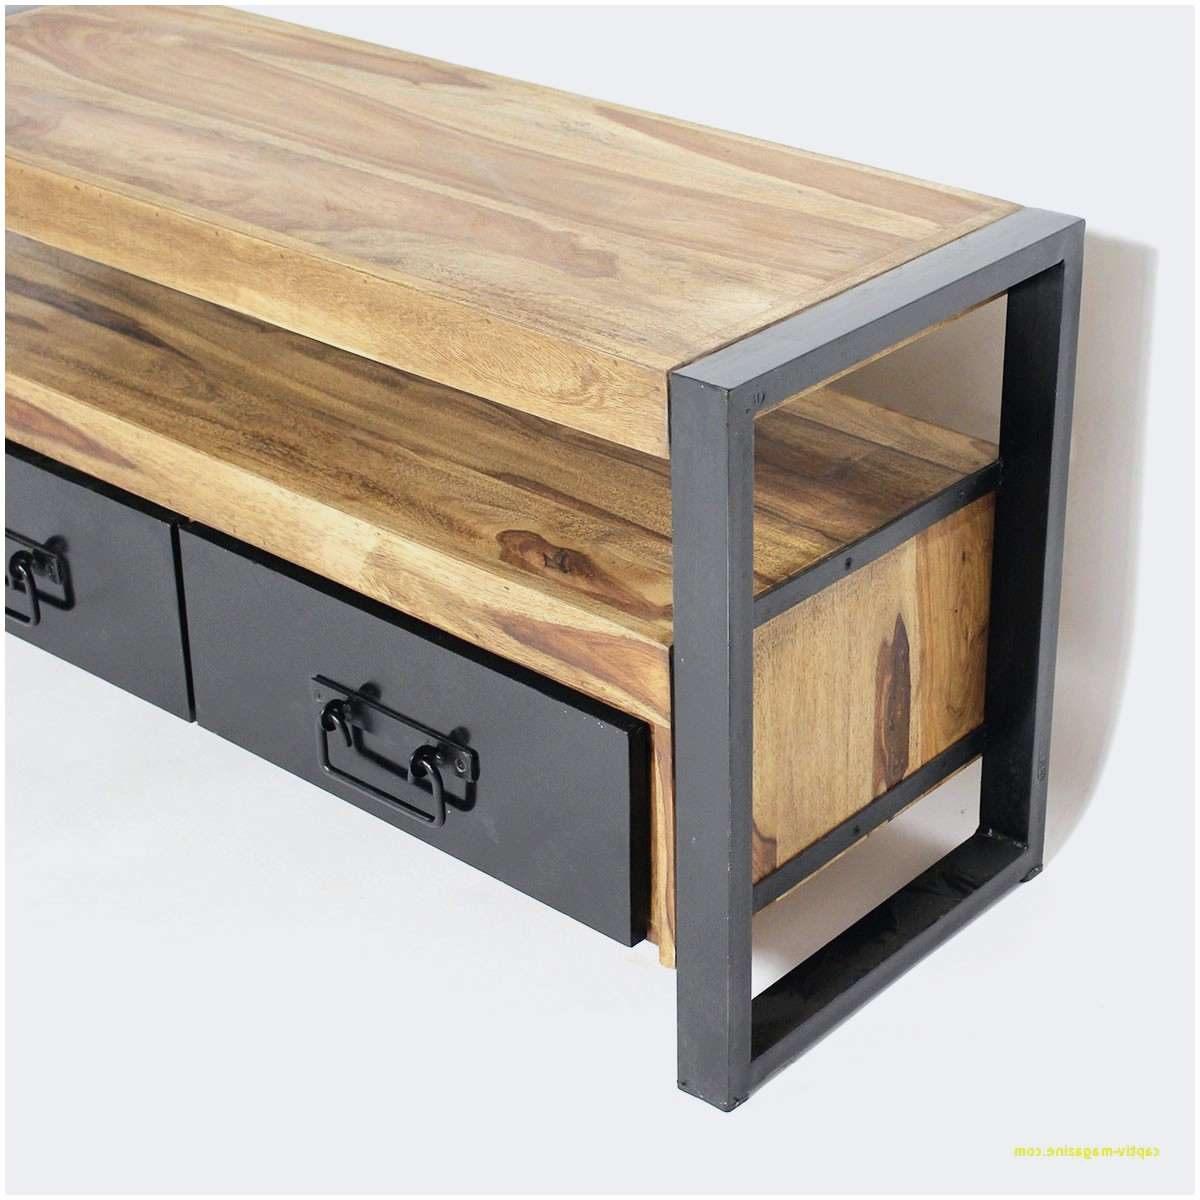 tete de lit cuir fra che 62 tete de lit design italien. Black Bedroom Furniture Sets. Home Design Ideas